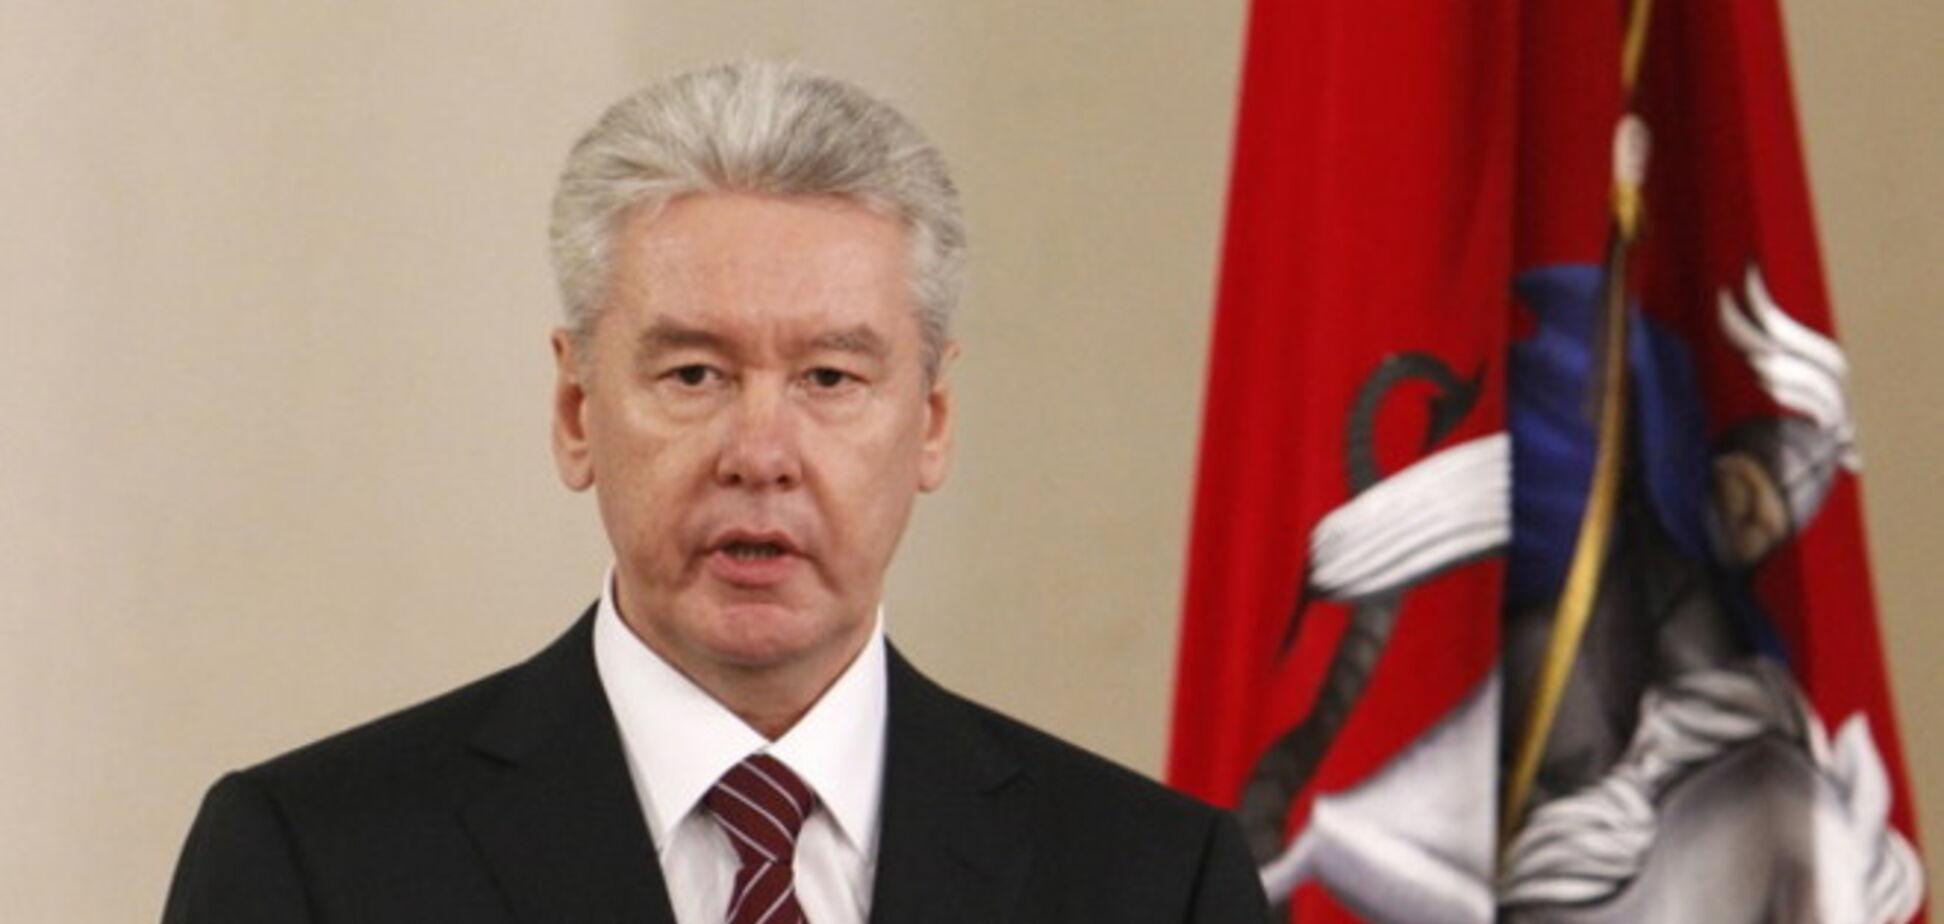 Мэрия Москвы тратит на заказные материалы в СМИ 163 млн рублей за квартал